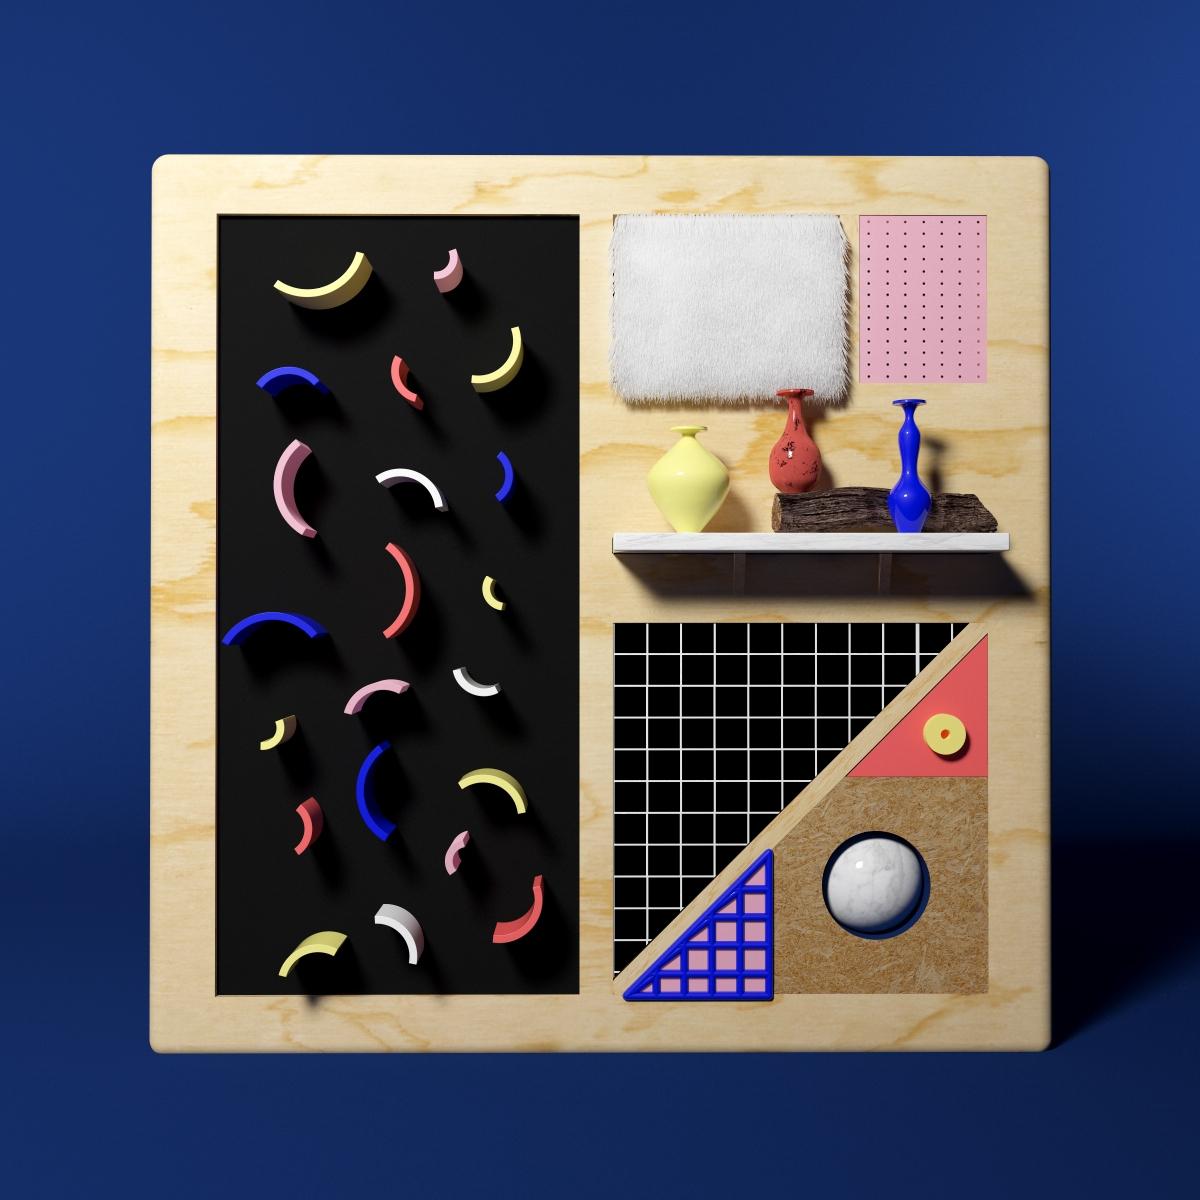 Pattern composition - 3d, c4d, motion - rolandoluther | ello